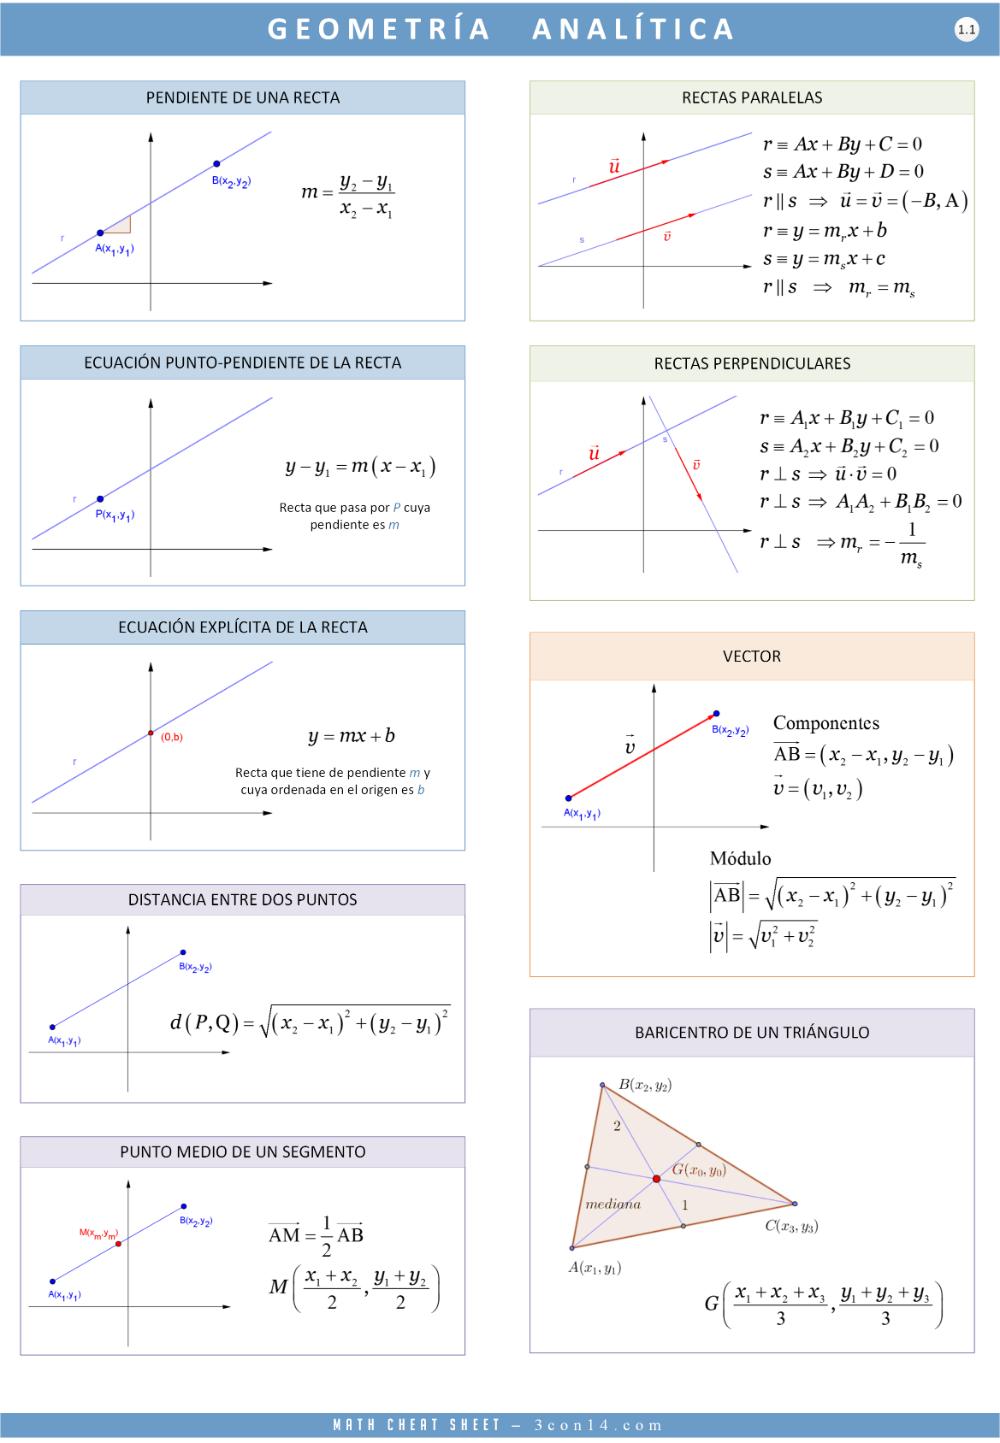 3con14 Matemáticas E Geometría Analitica Fórmulas Geometria Analitica Matematicas Matematicas Universitarias